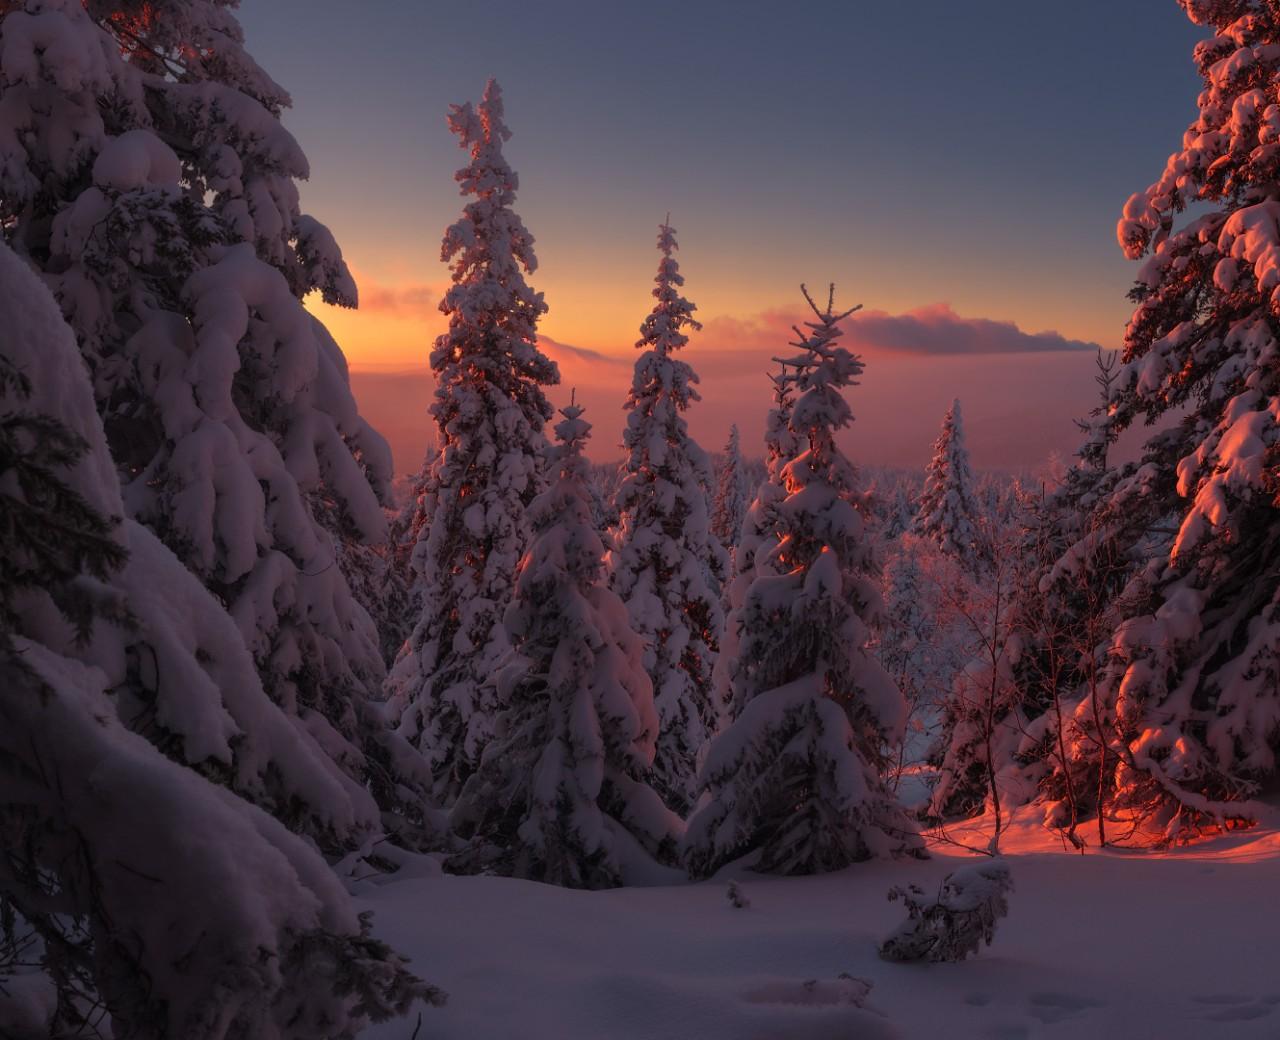 Работа легенды зимнего леса. Фотограф marateaman